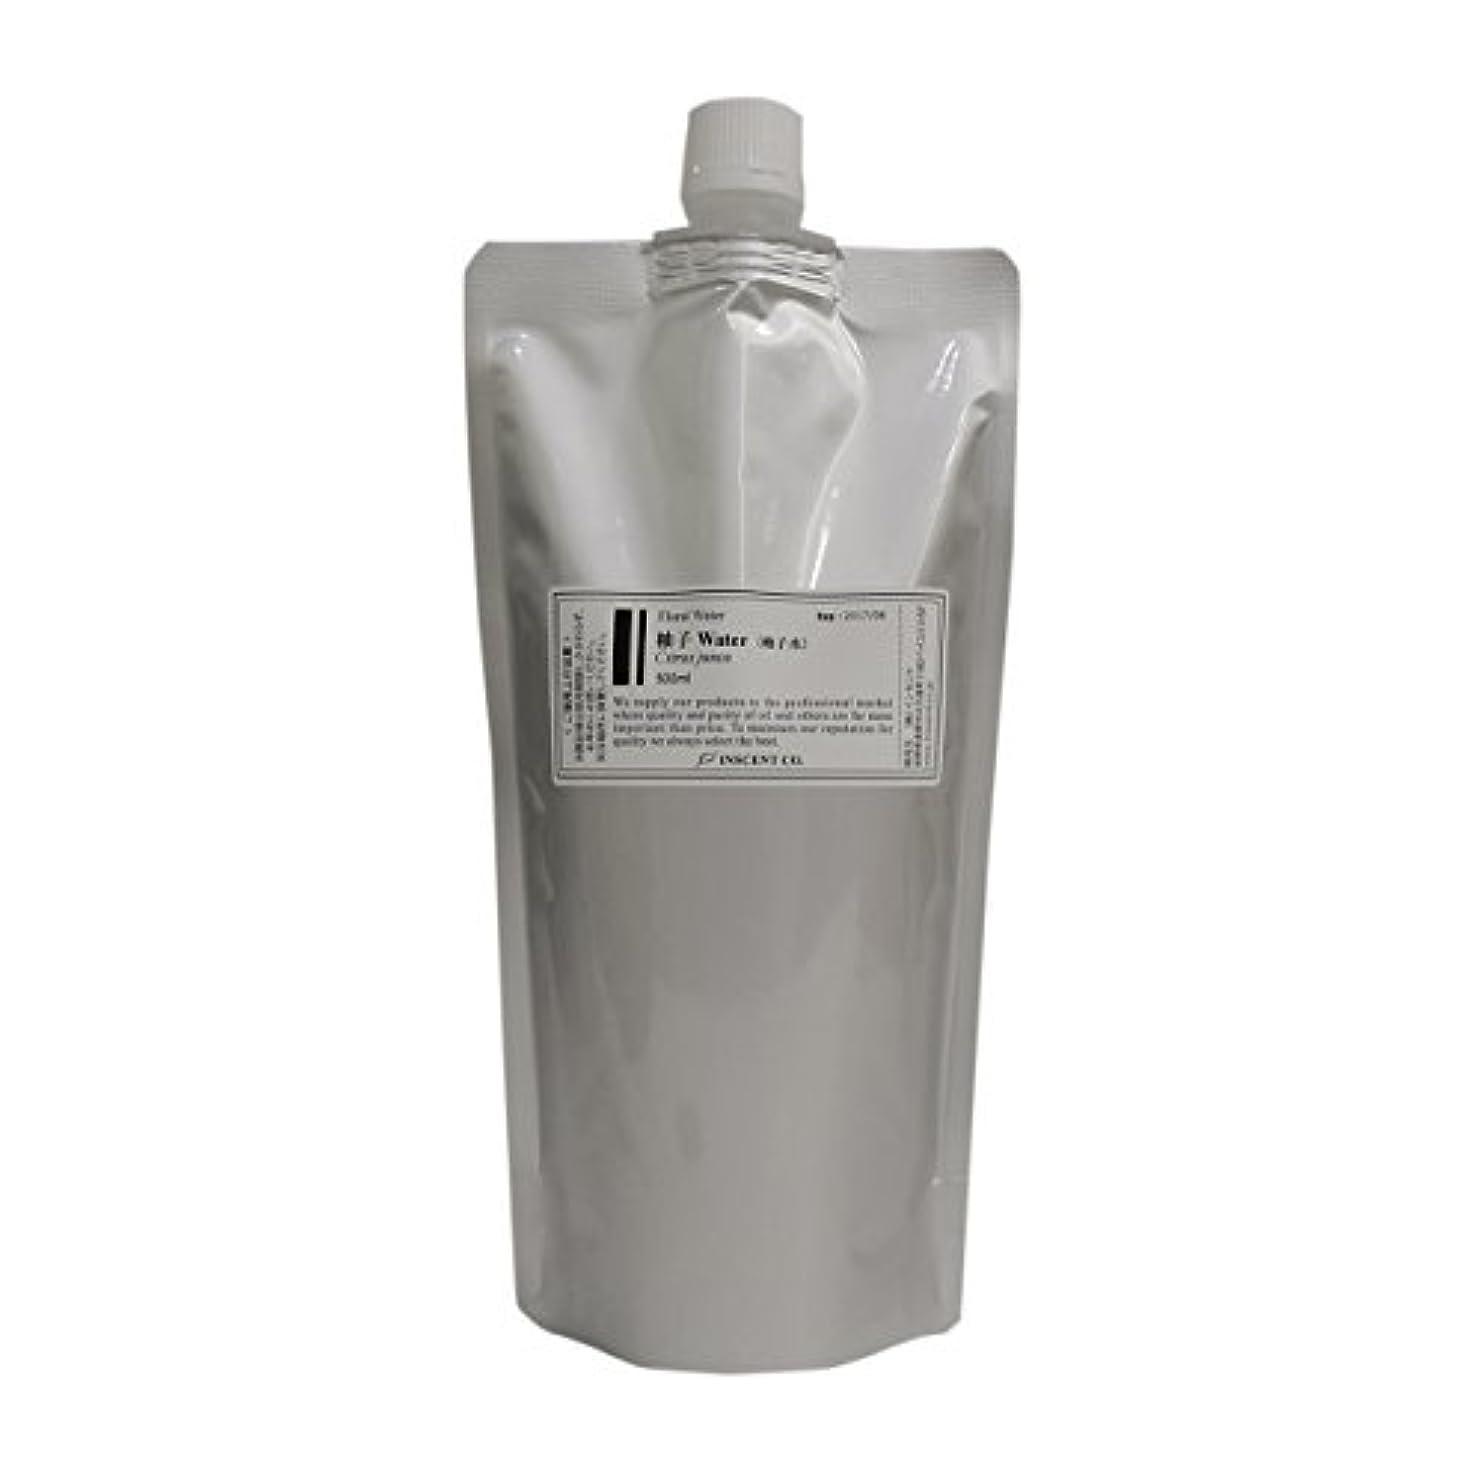 アリインフルエンザテレックス(大容量500ml/詰替用アルミパック入り) 柚子 (ゆず) ウォーター (柚子水) 500ml